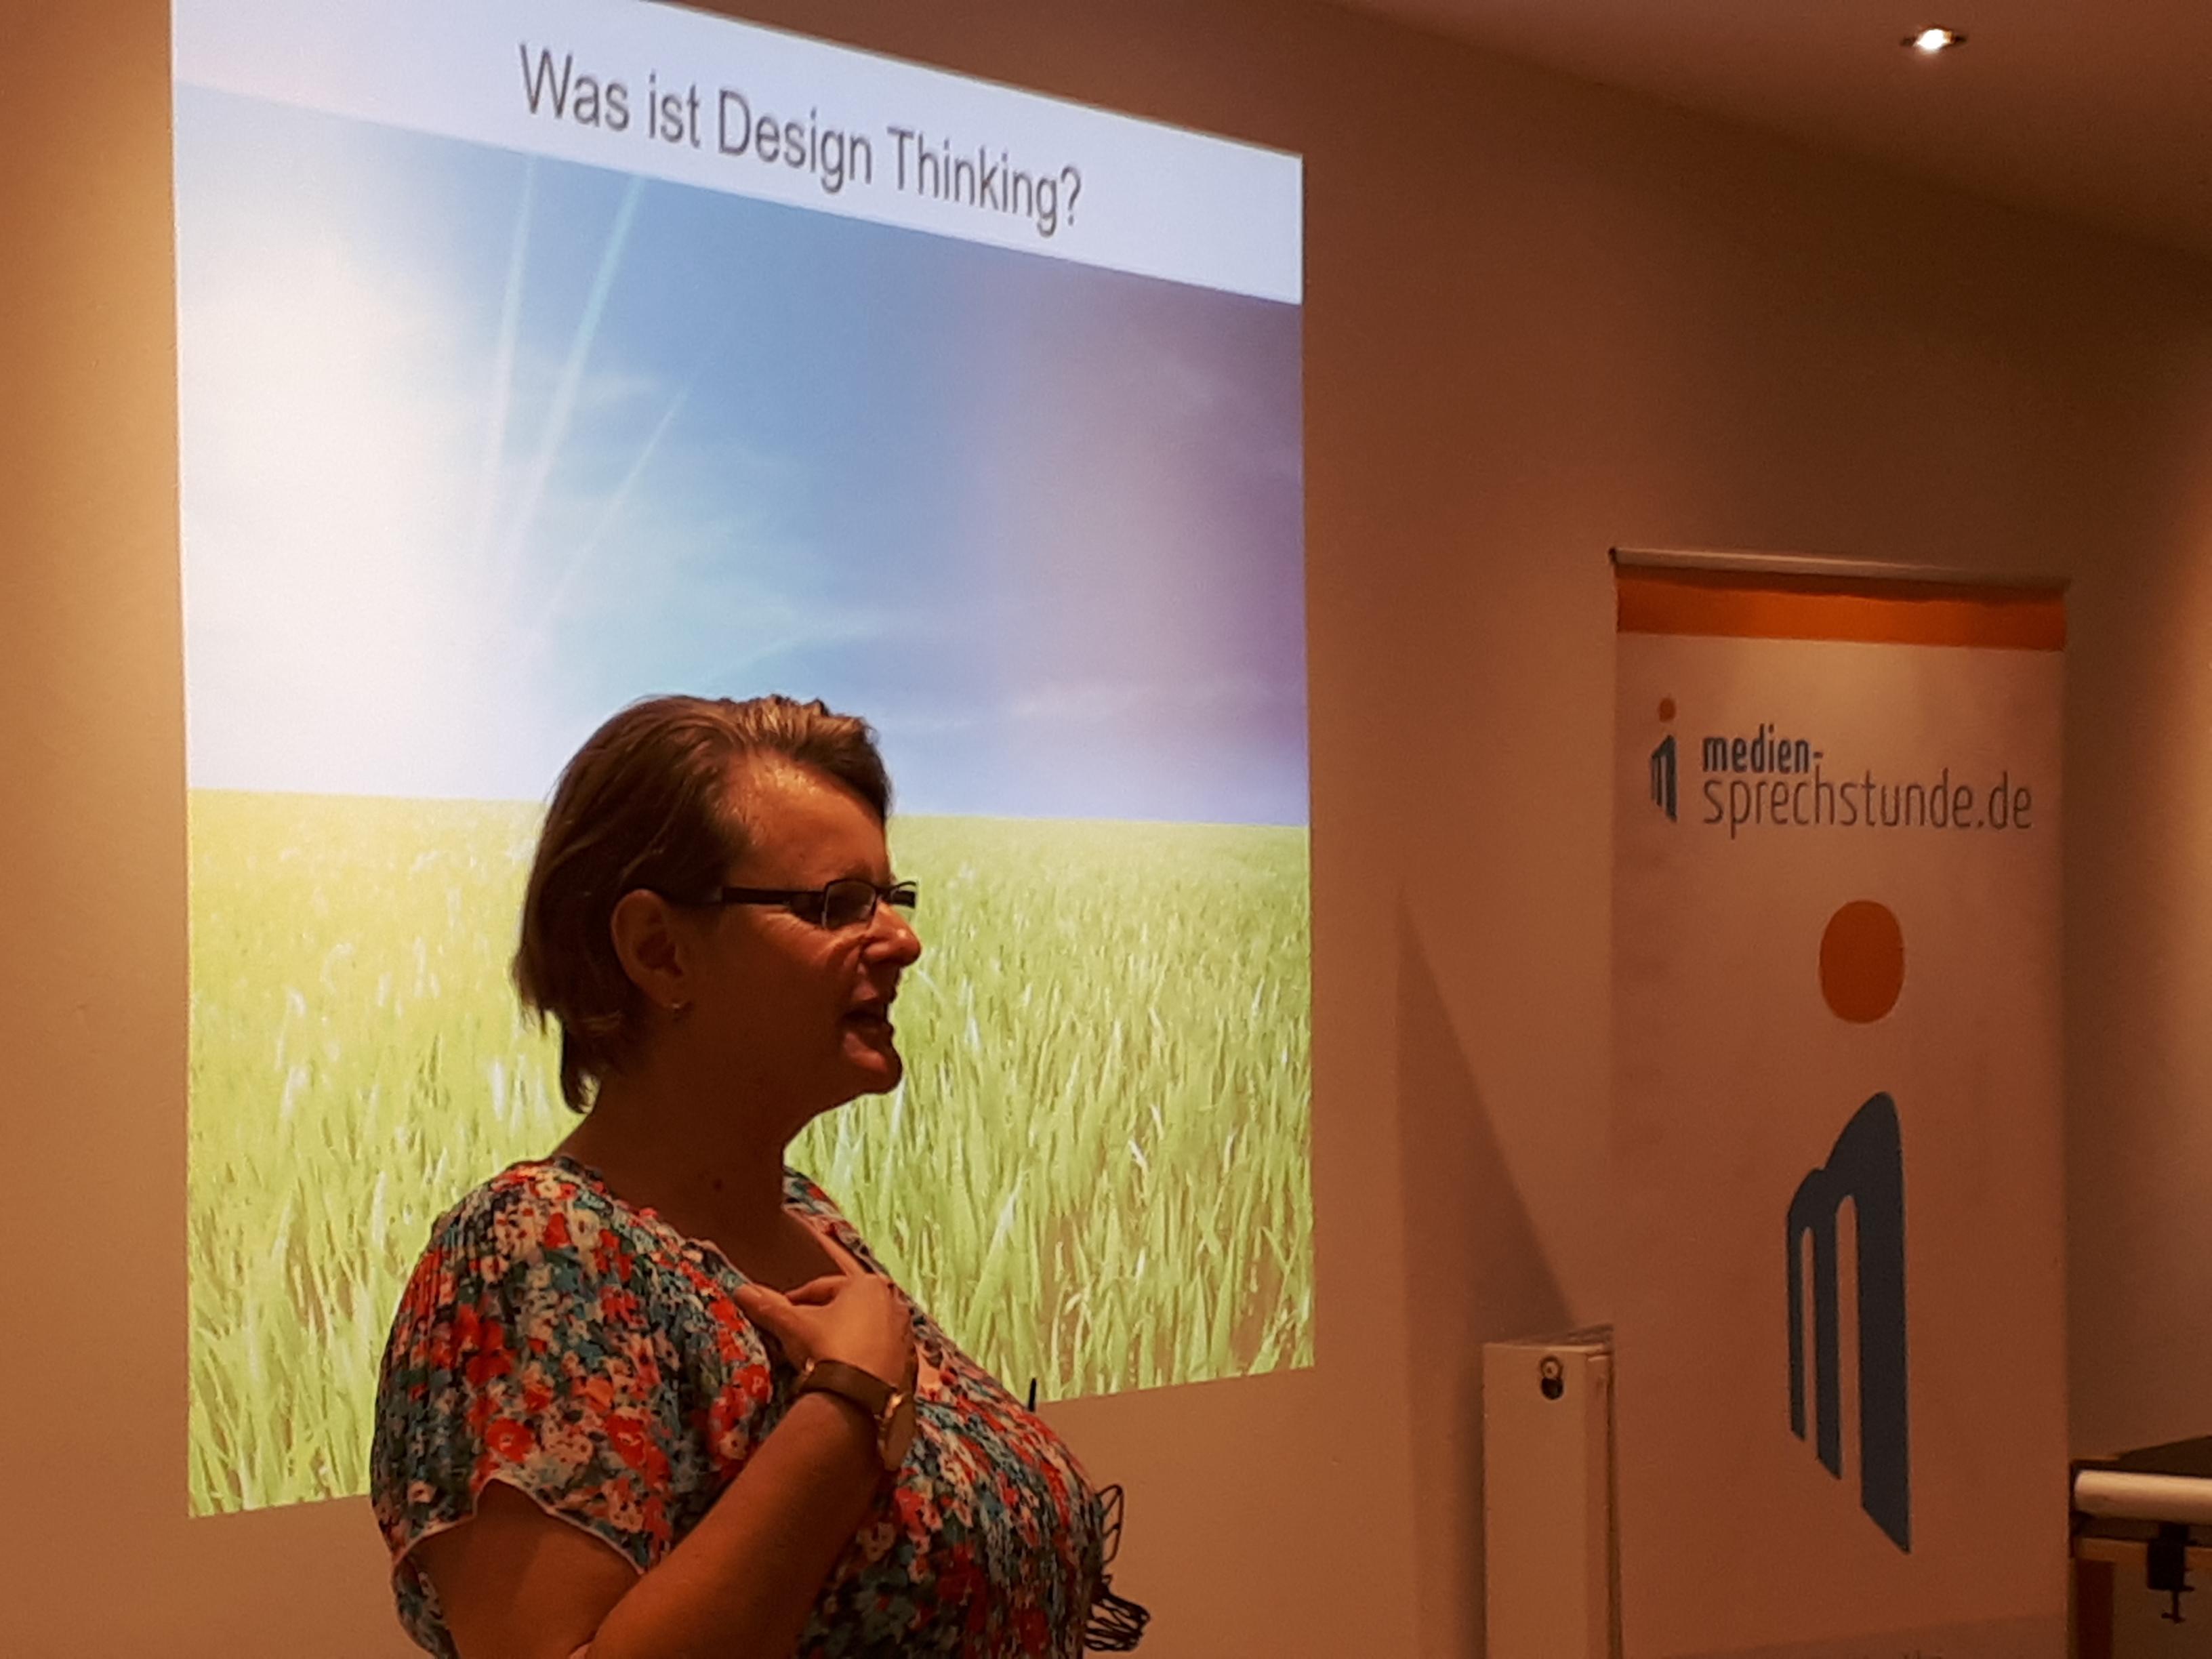 Sabine Stengel zu Design Thinking in der medien-sprechstunde